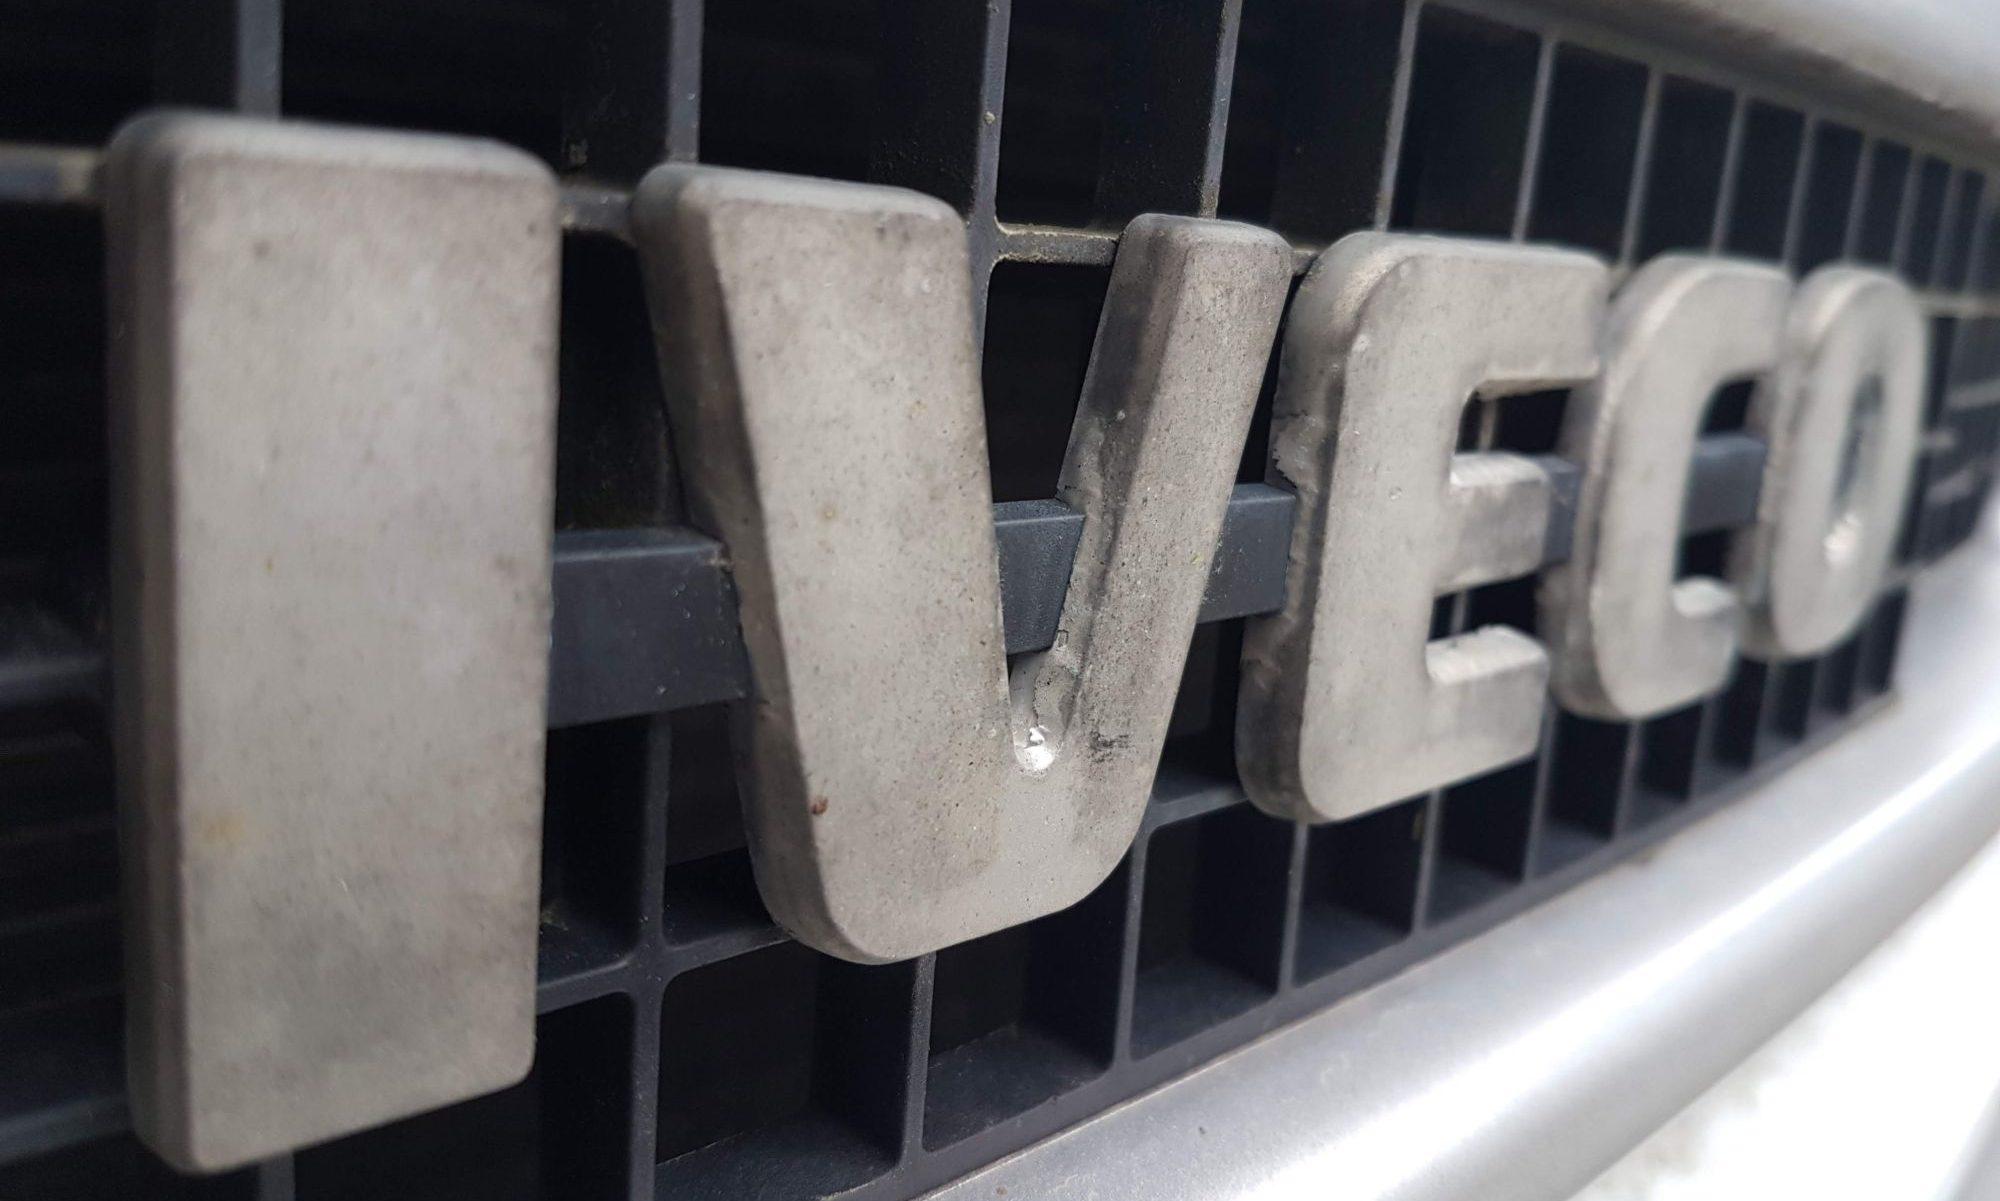 Serwis Iveco Daily - naprawa mostów - duże doświadczenie - gwarancja